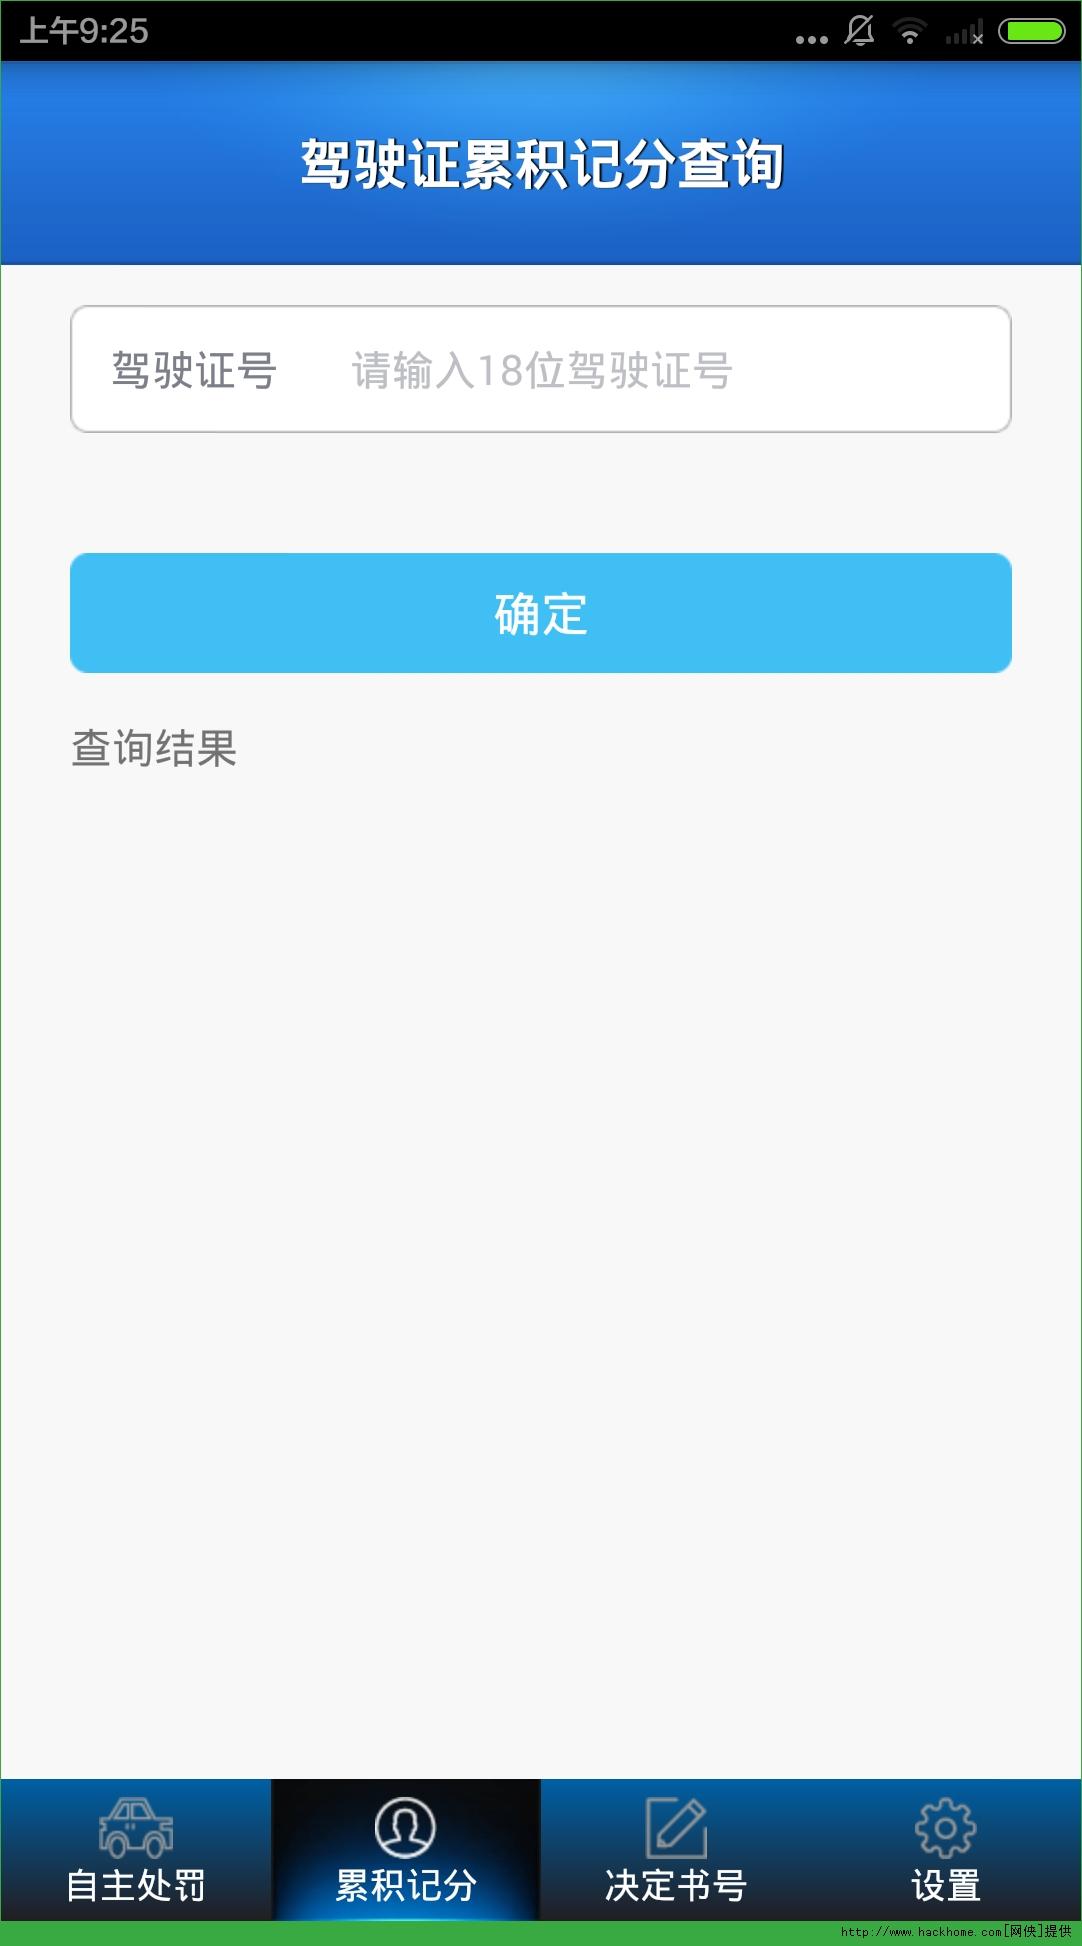 贵阳交警APP下载(贵州交警)图3: